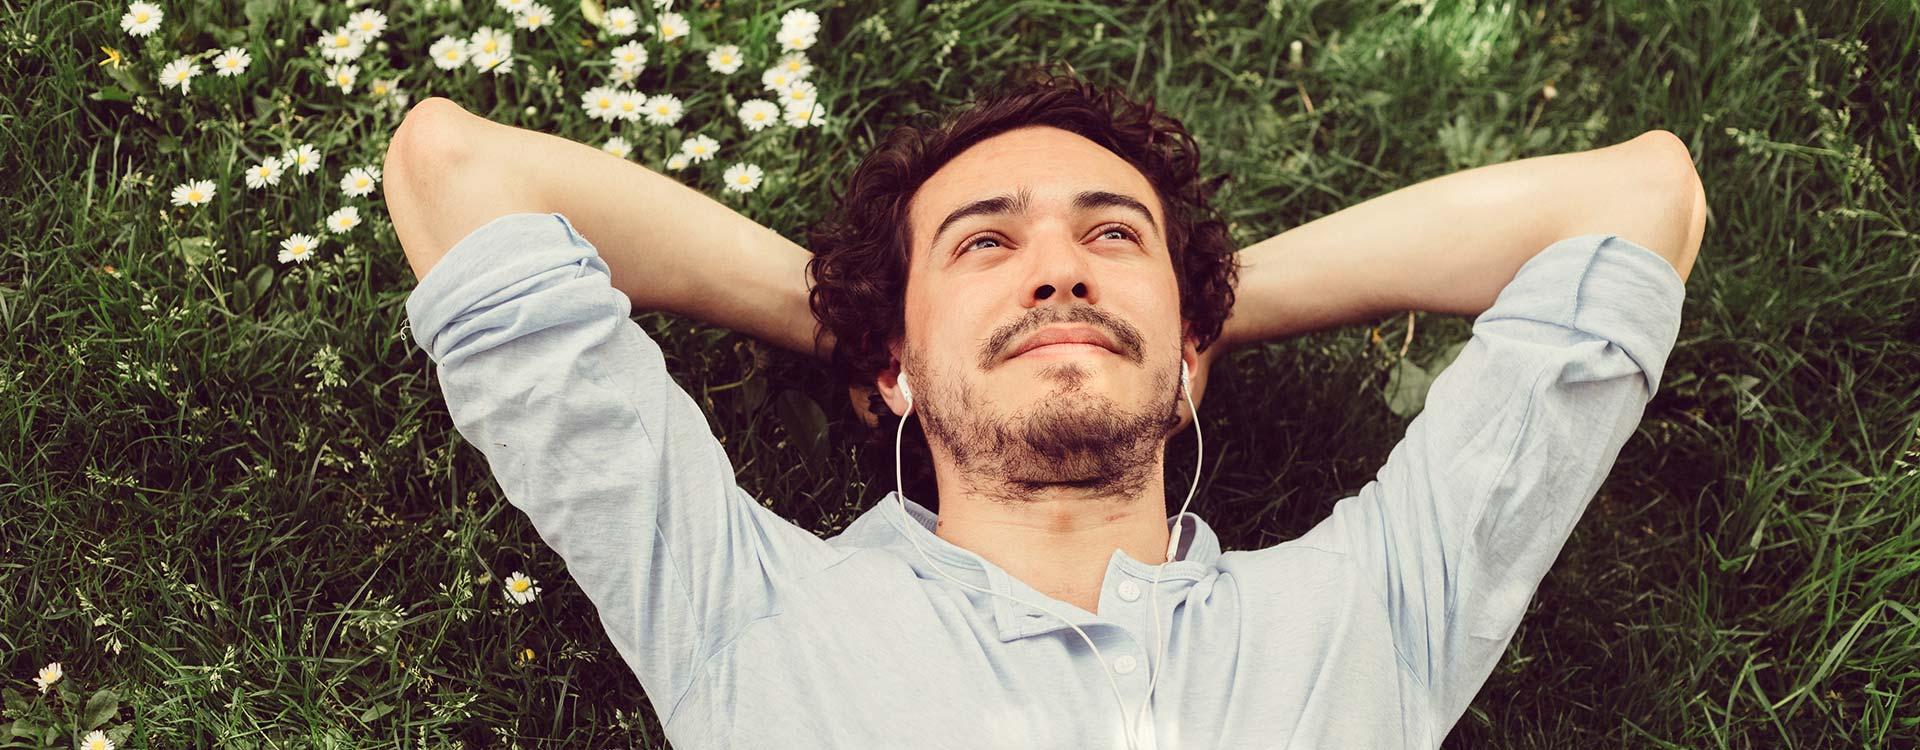 Revive Wellness - Conshohocken Counseling